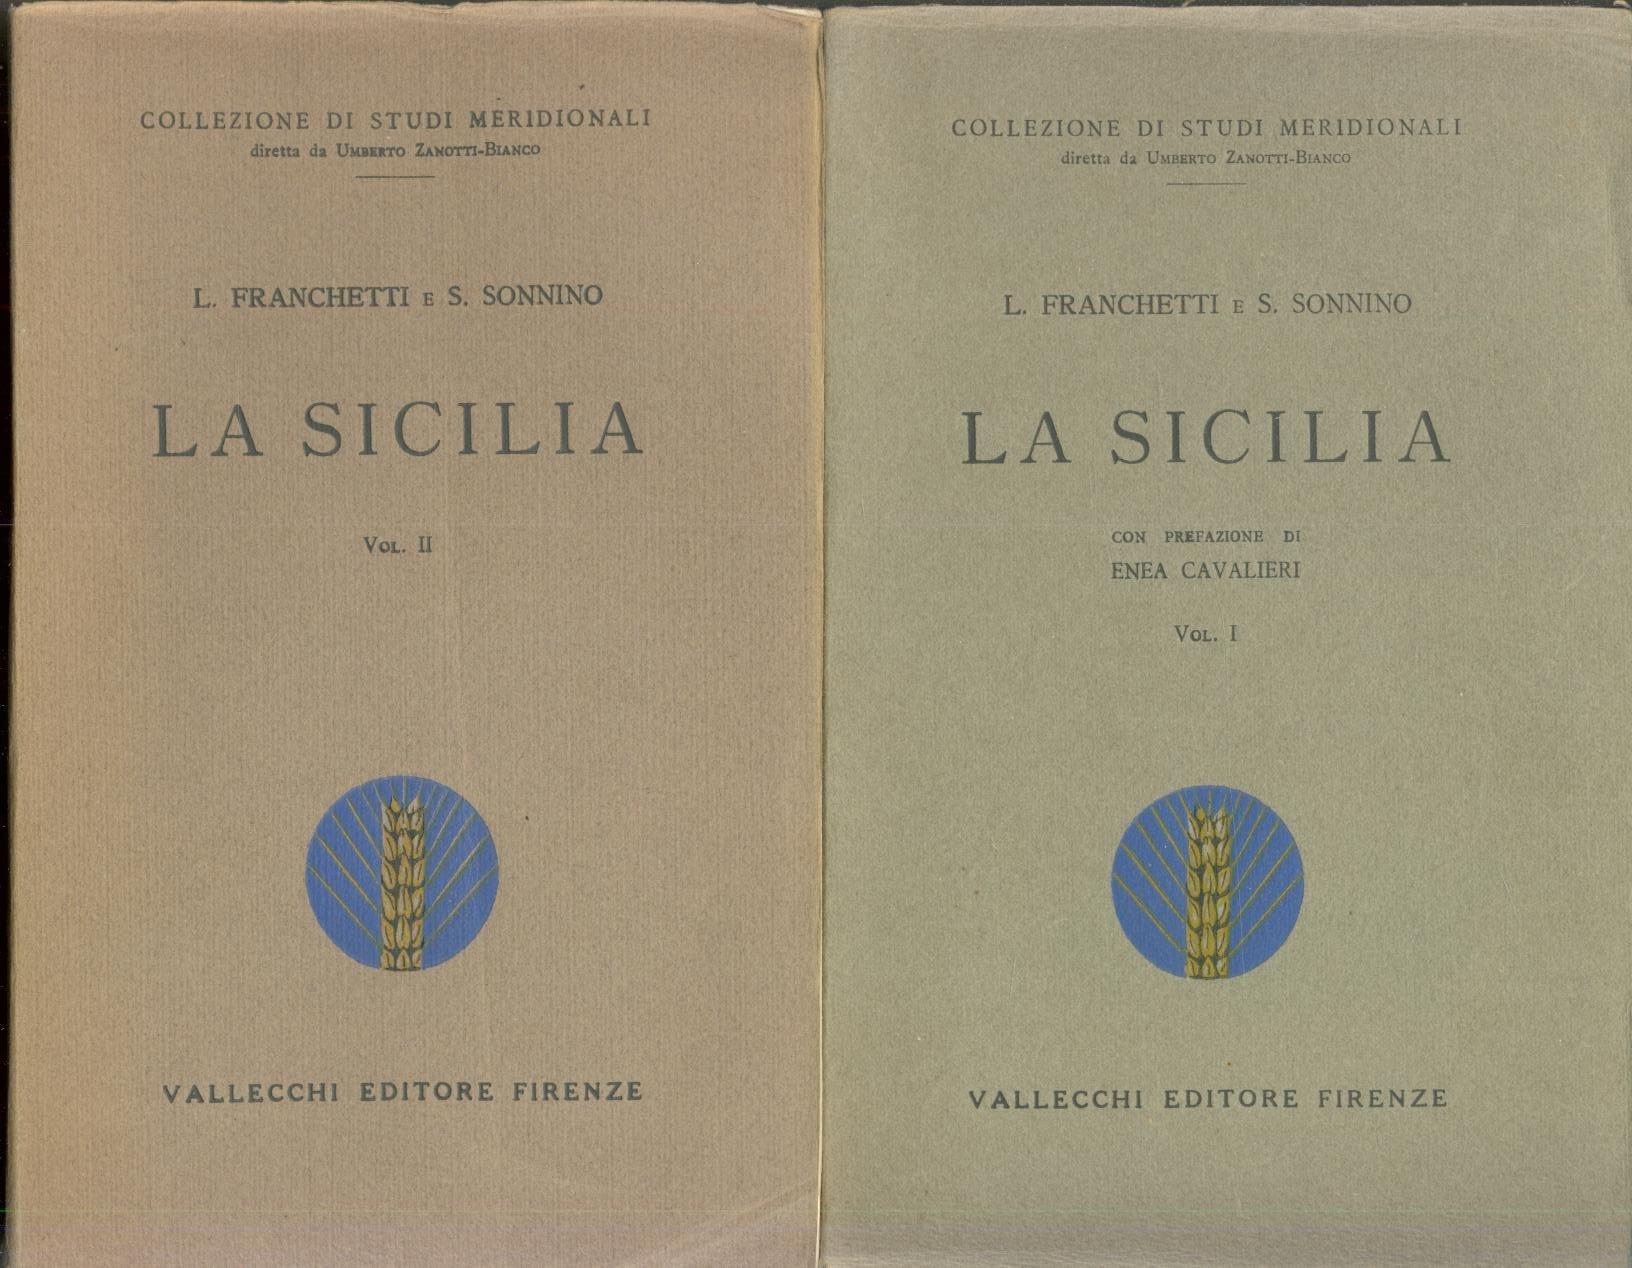 Amazon.it: La Sicilia nel 1876 DUE VOLUMI Condizioni politiche e  amministrative, I contadini - Franchetti L, Sonnino S. - Libri